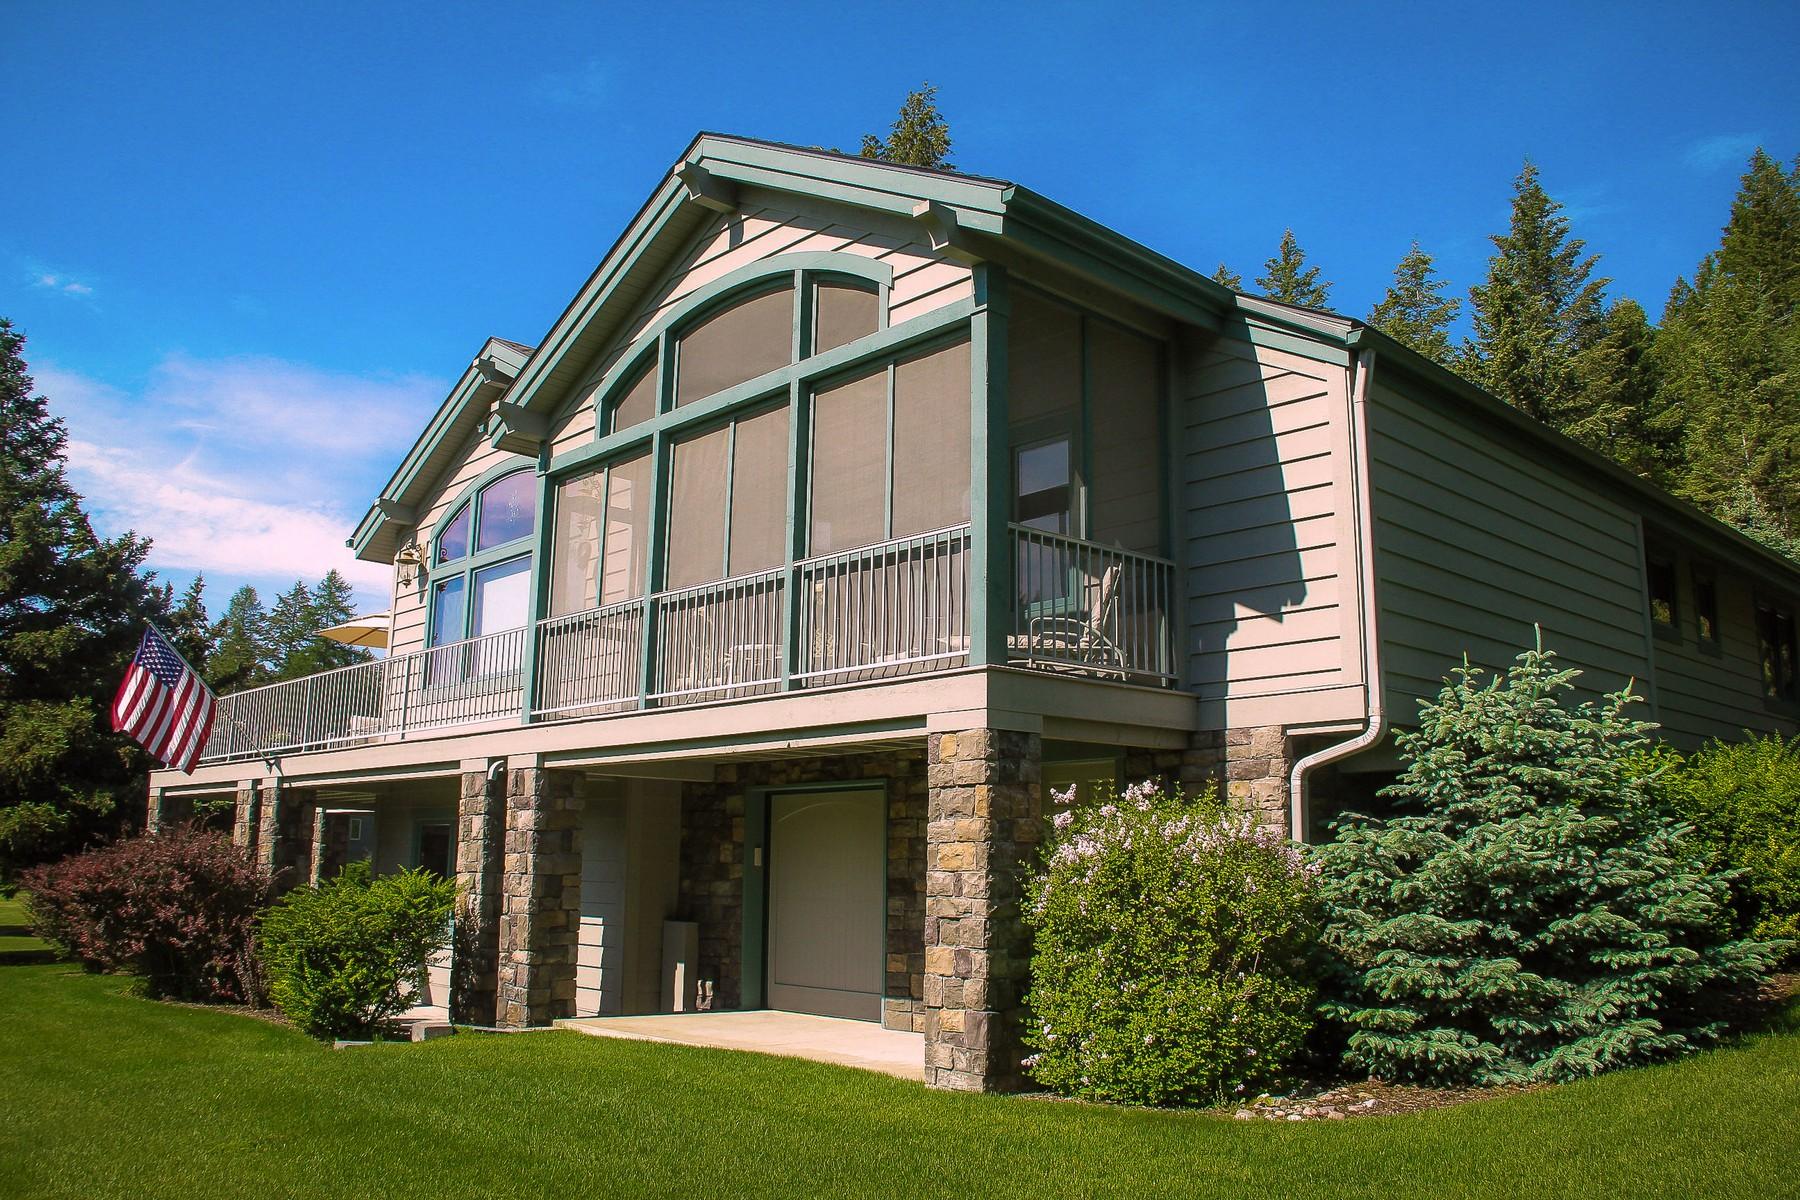 Nhà ở một gia đình vì Bán tại 127 Golf Terr , Bigfork, MT 59911 127 Golf Terr Bigfork, Montana, 59911 Hoa Kỳ